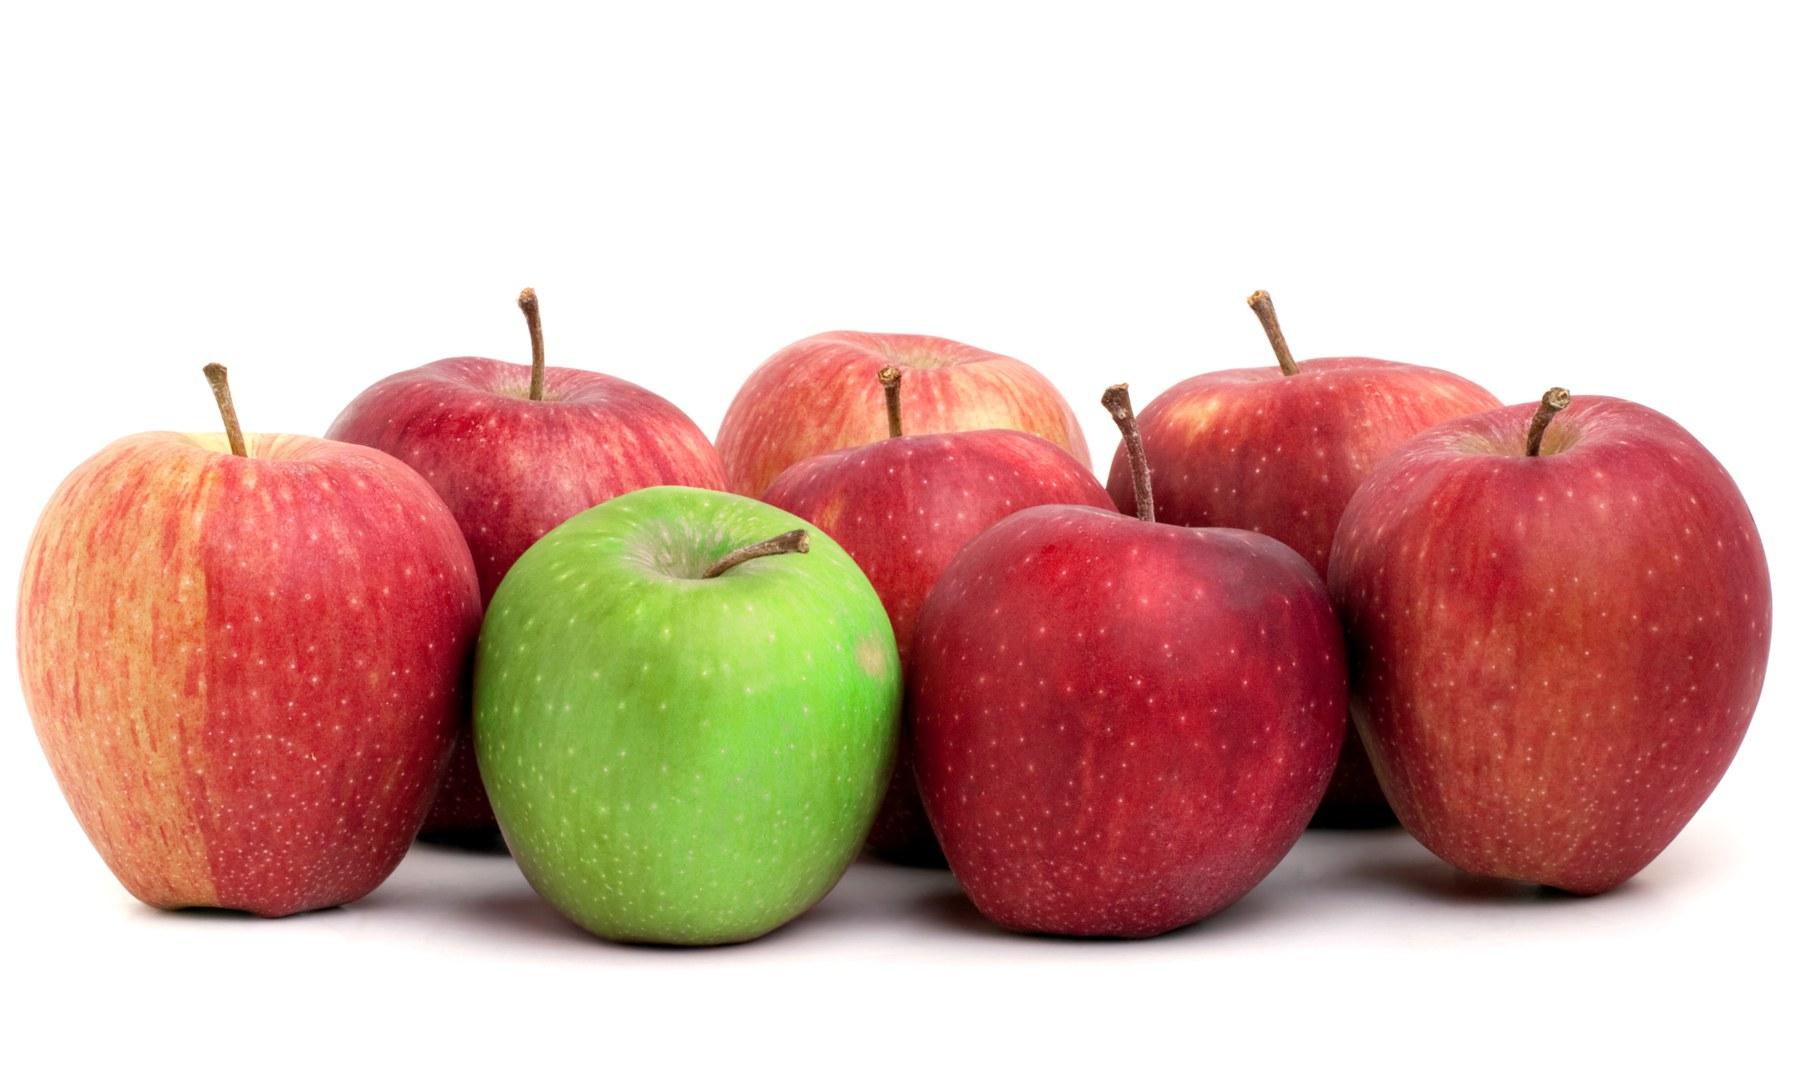 Welchen Apfel soll ich nehmen?